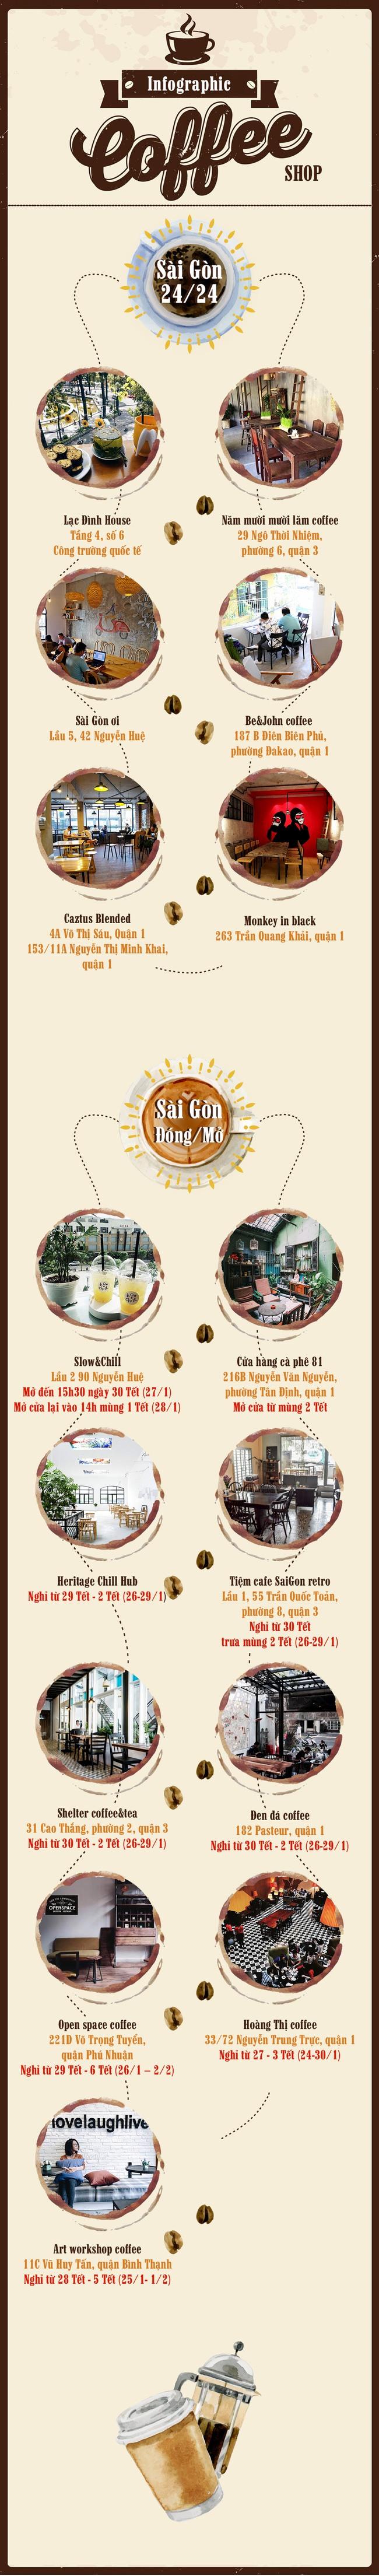 Cập nhật ngay lịch đóng/mở loạt cafe hot nhất Hà Nội - Sài Gòn dịp Tết - Ảnh 3.